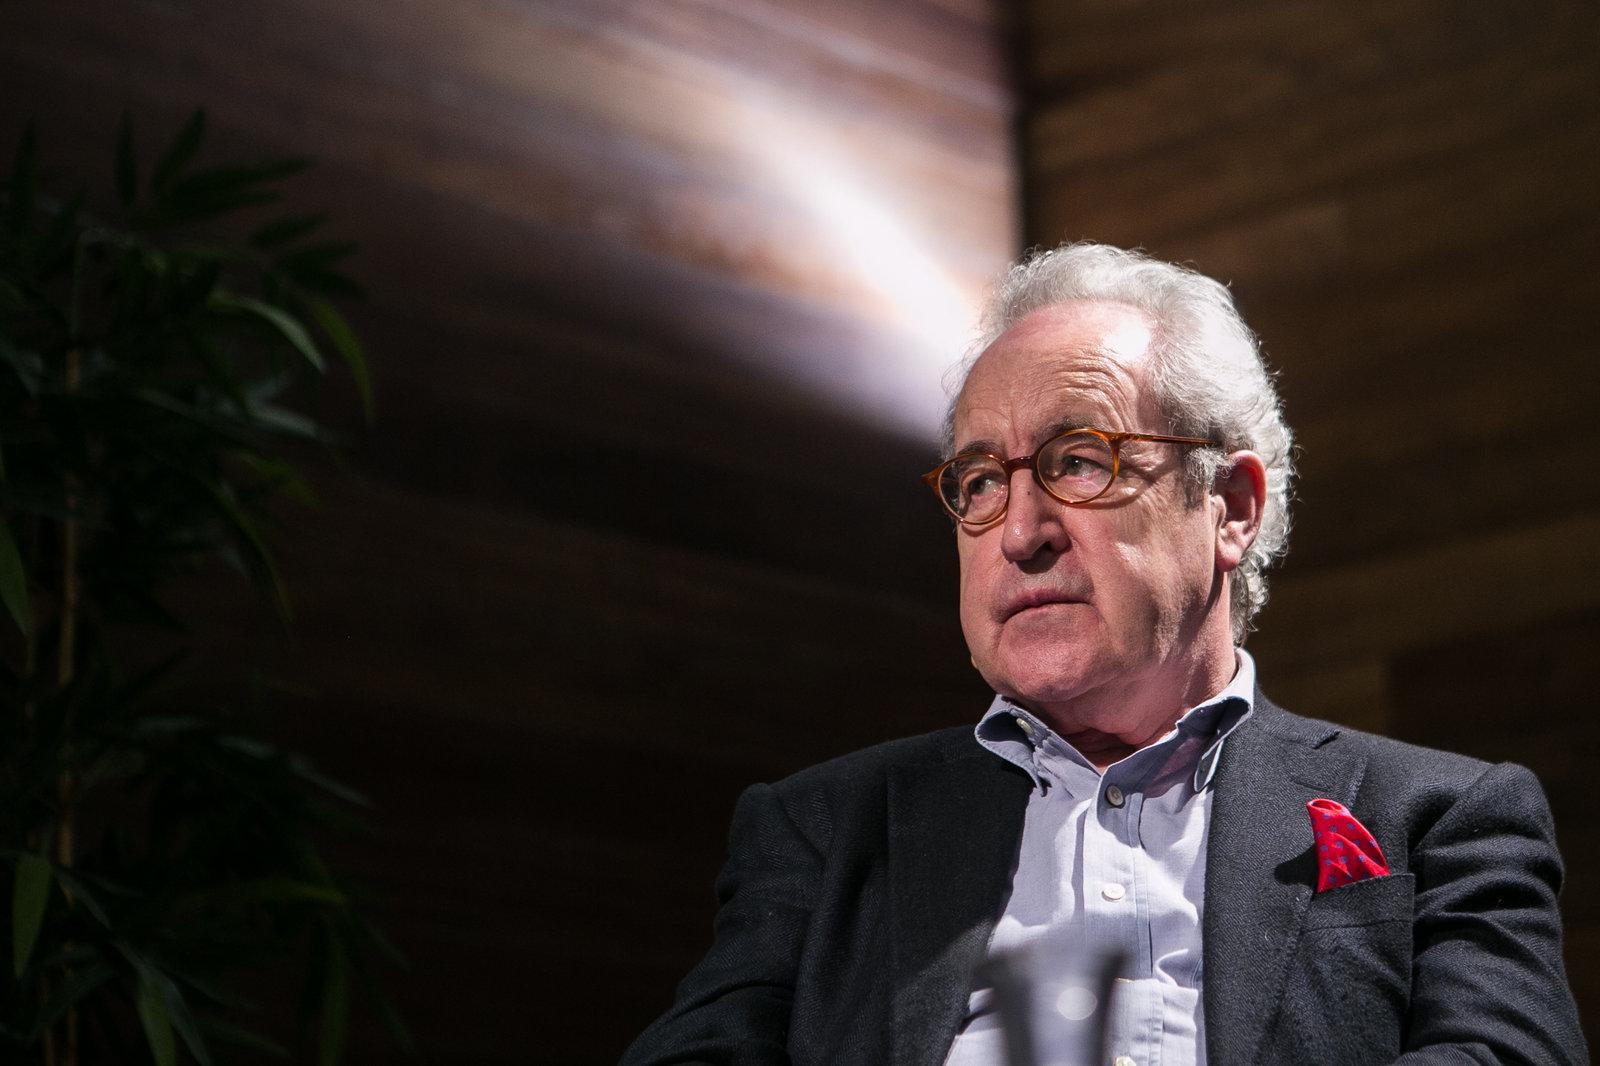 El escritor John Banville repiensa su novela tras la pandemia